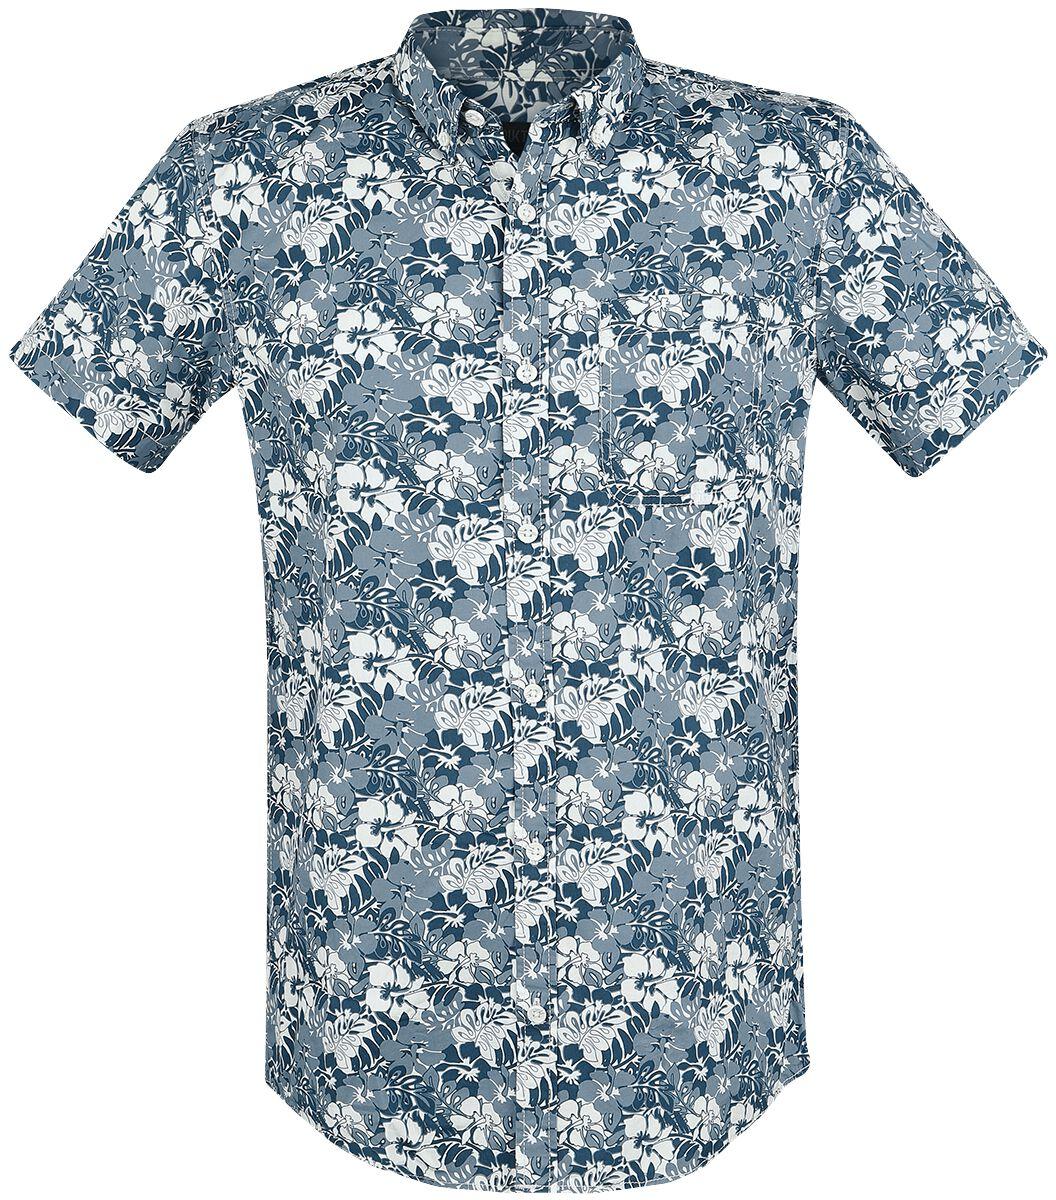 Marki - Koszule z krótkim rękawem - Workershirt Produkt York AOP Shirt Workershirt wielokolorowy - 365795